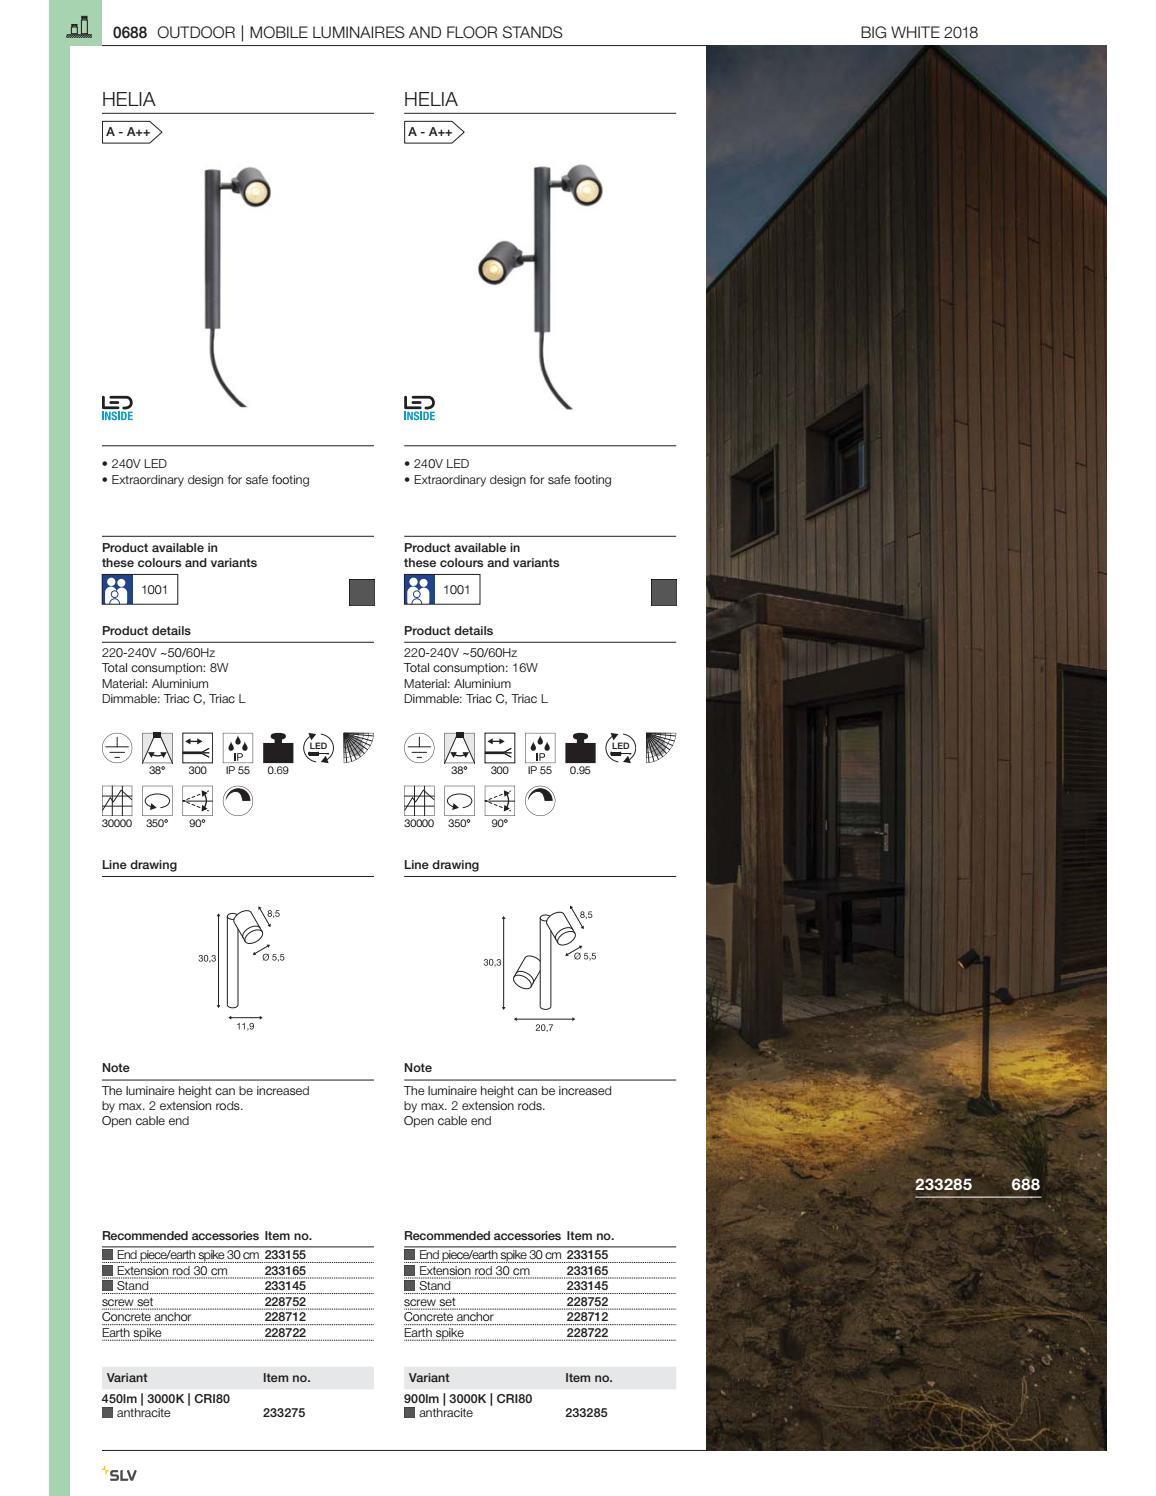 Outdoor Pole 5000 Kelvin Retrofit Kit LED Light 65 Watt Roadway Luminaires